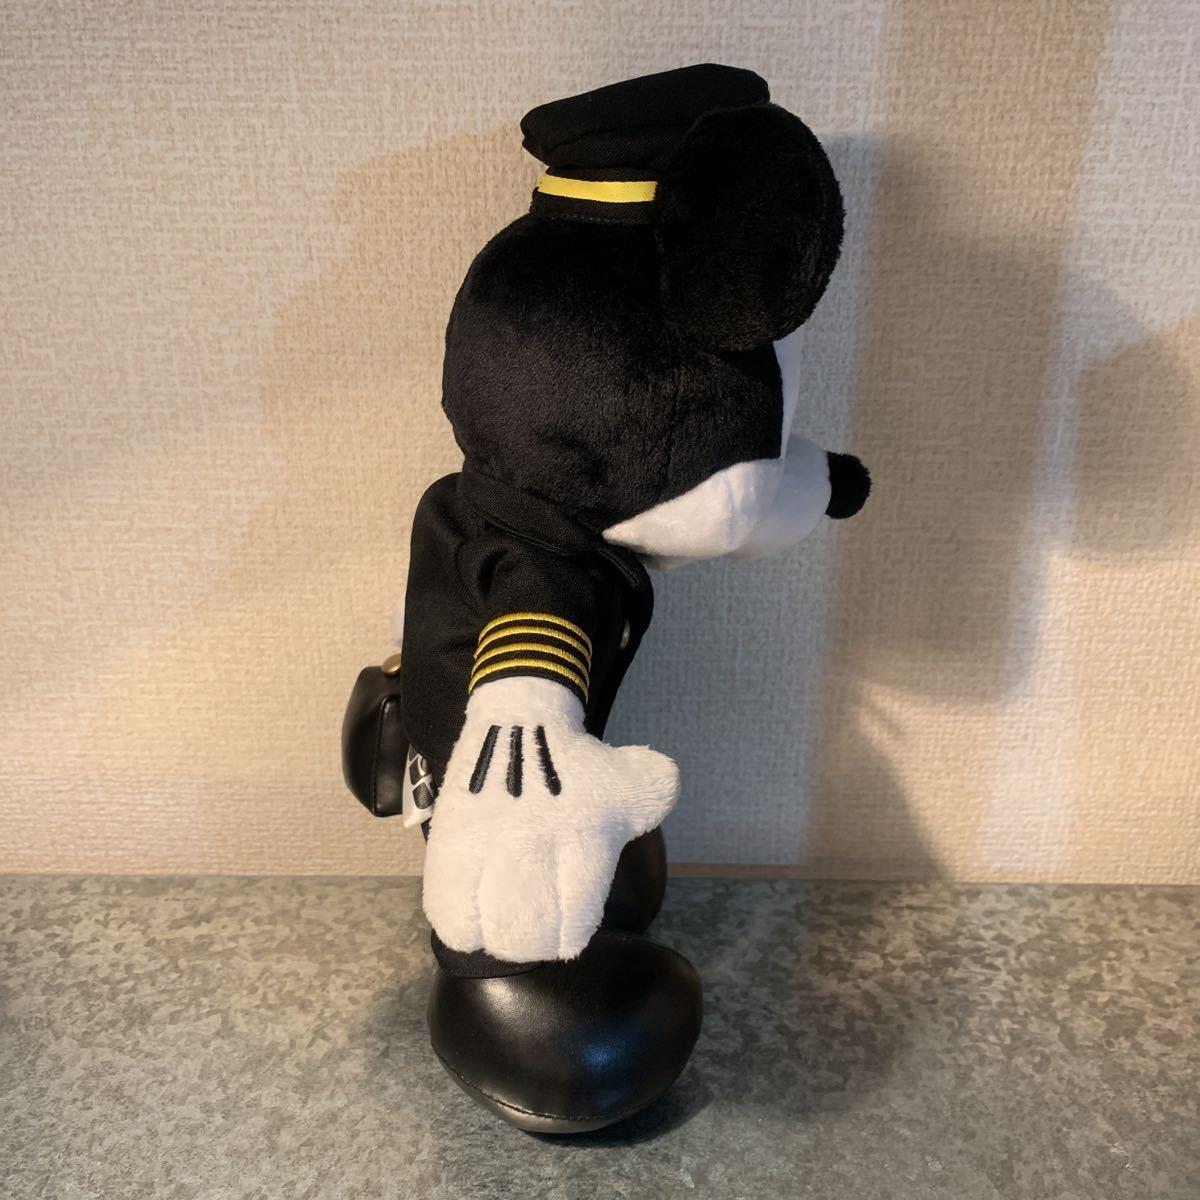 非売品★JAL パイロット ミッキー オリジナル ぬいぐるみ JCB 制服 キャンペーン ノベルティ レア_画像2